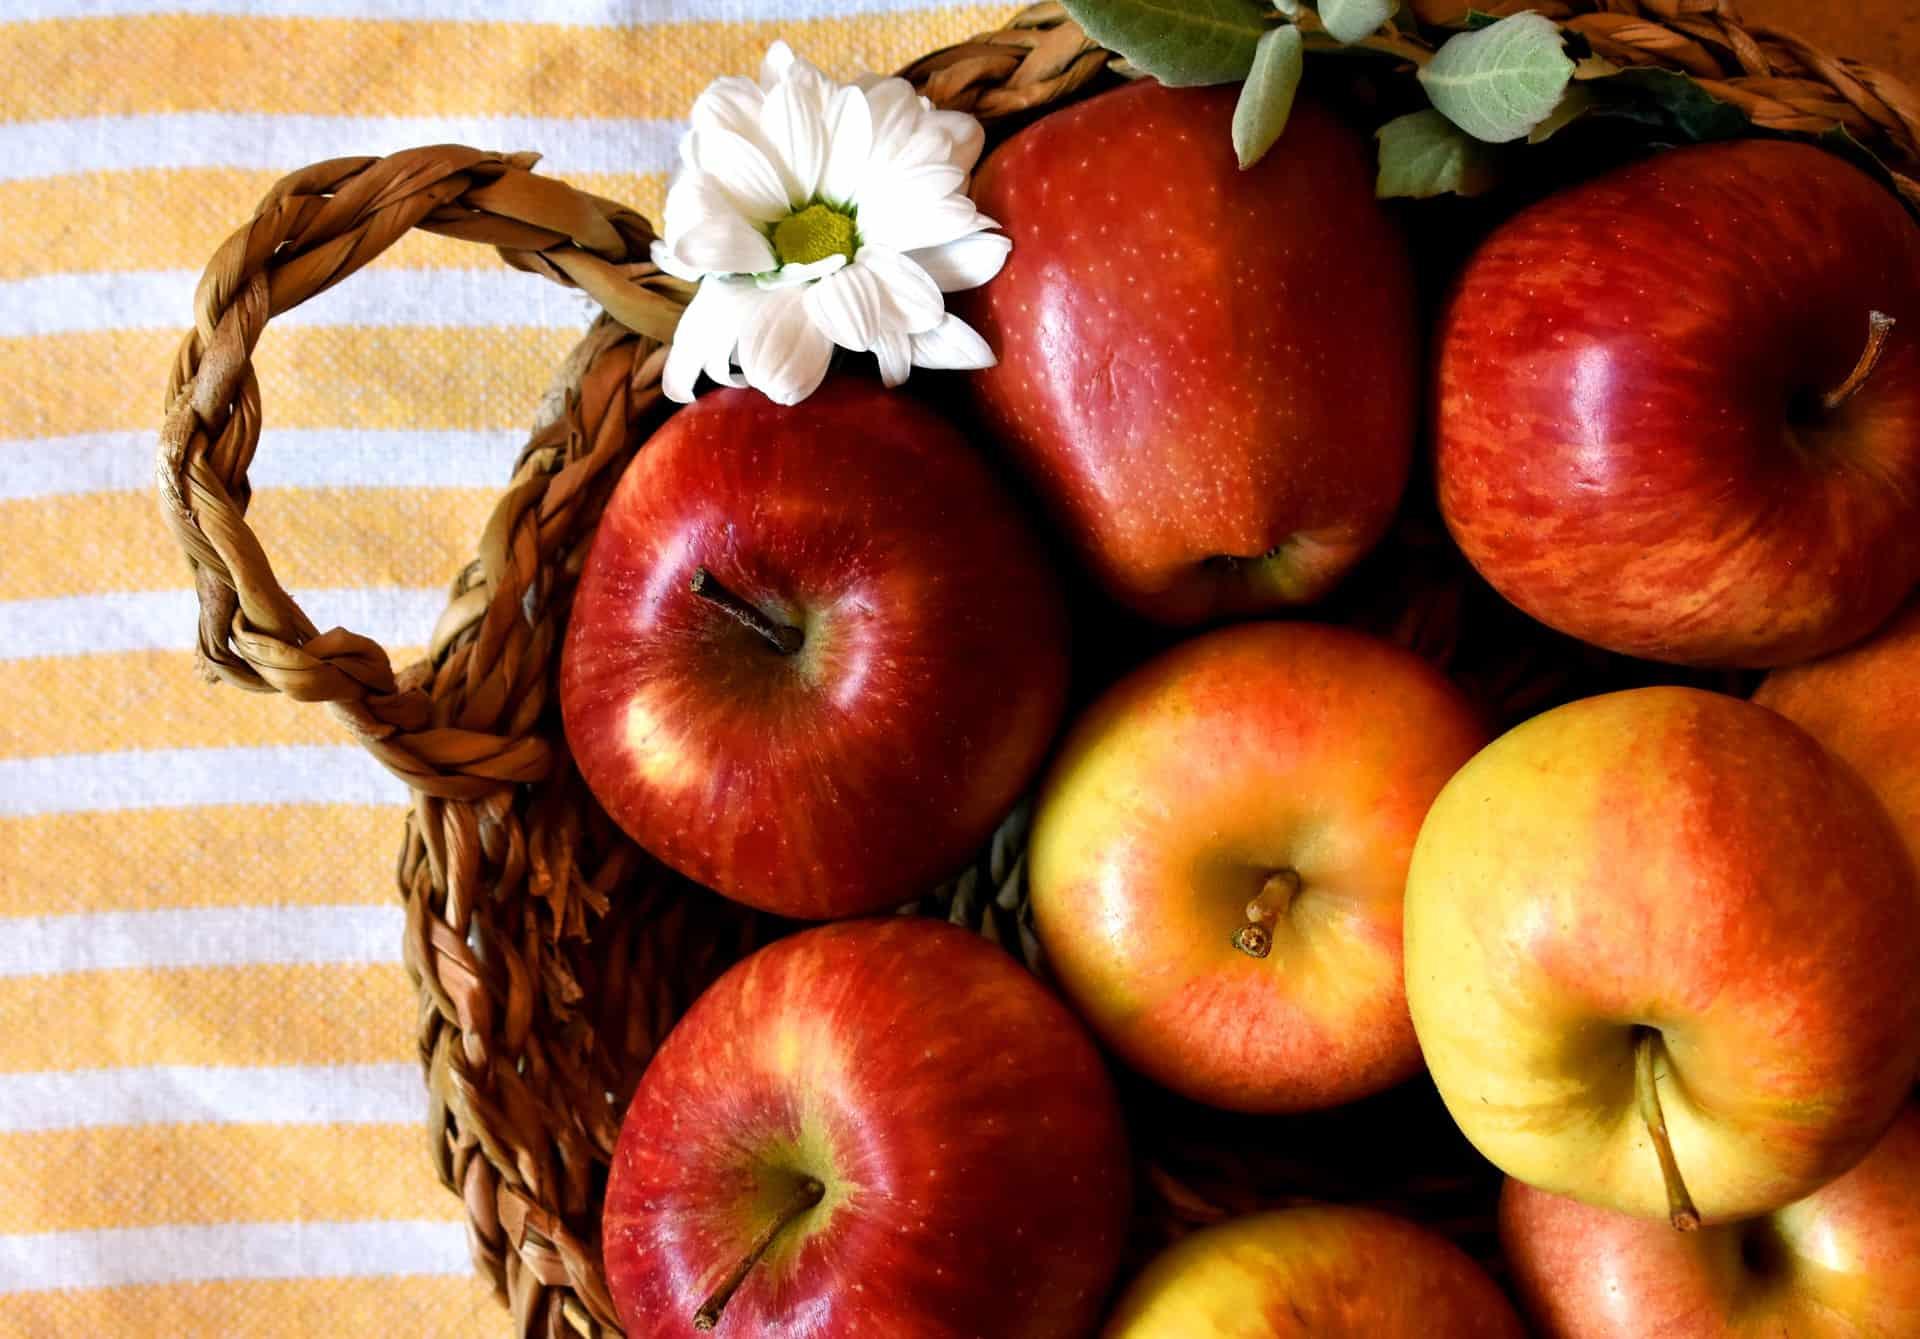 Foto de uma fruteira de palha com maçãs vermelhas e um flor branca tirada de cima.